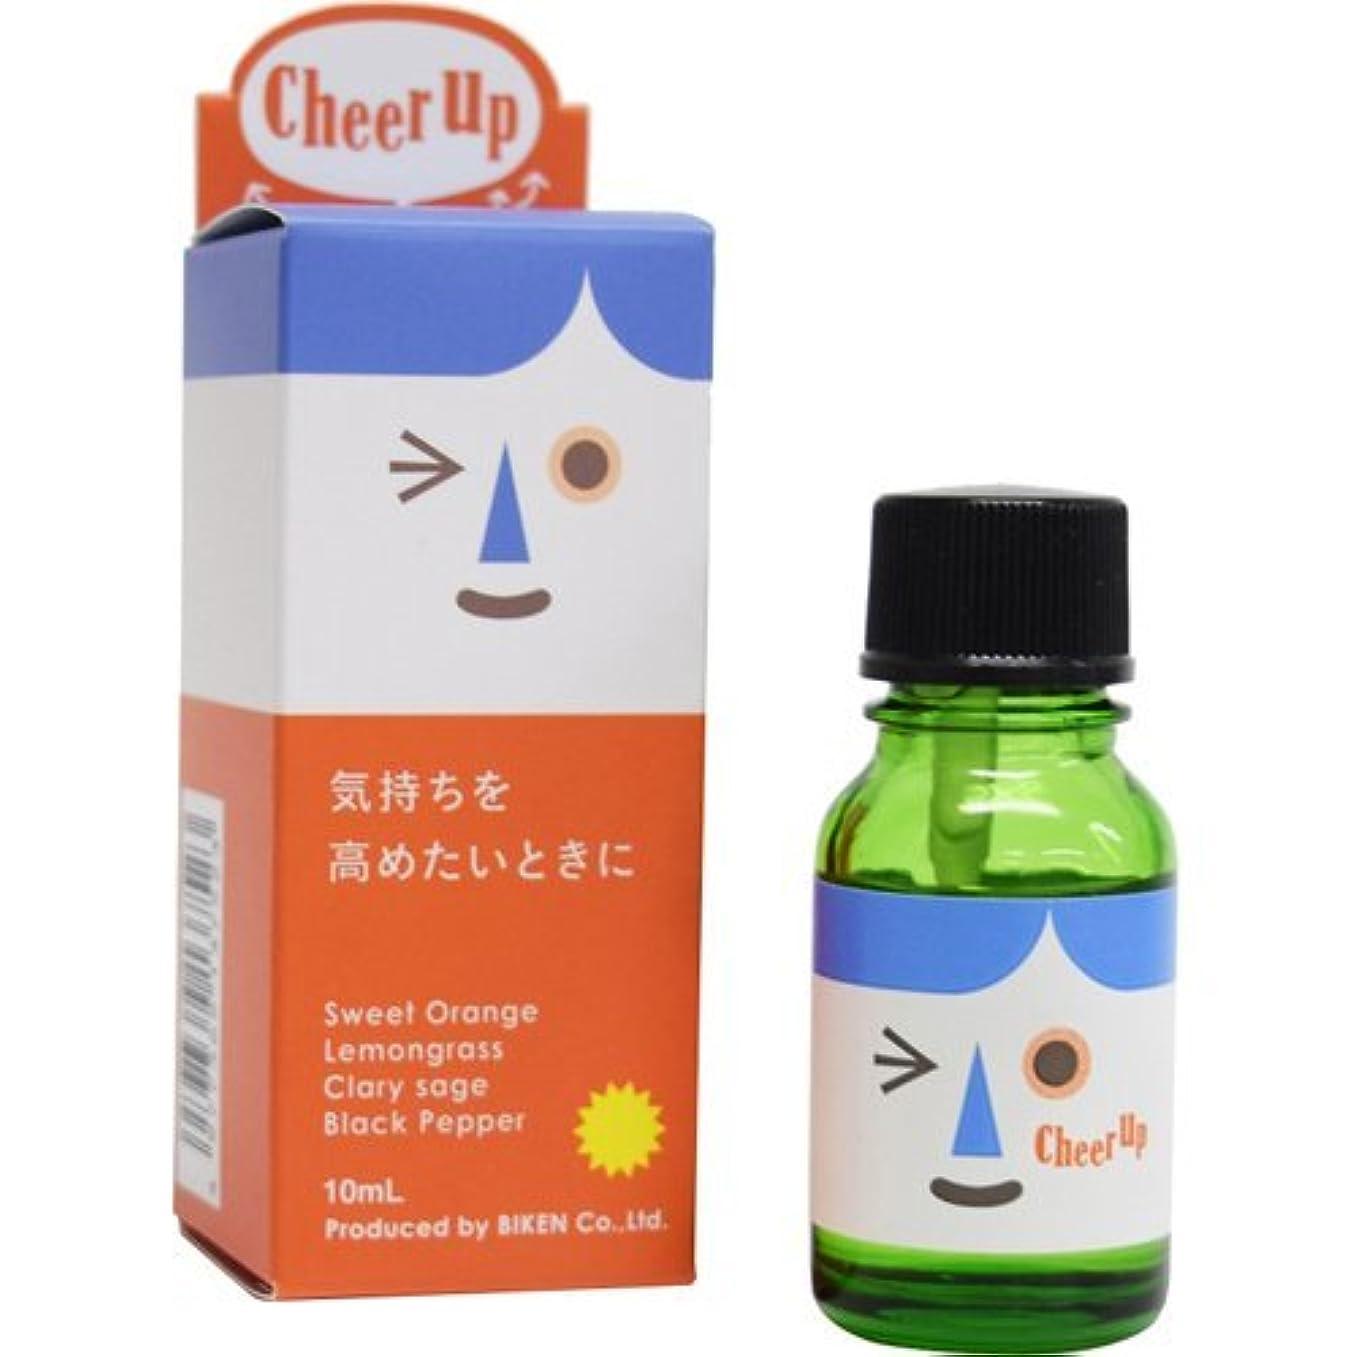 締め切り商業の非アクティブデイリーアロマ 水溶性 消臭?除菌エッセンシャルオイル Cheer Up